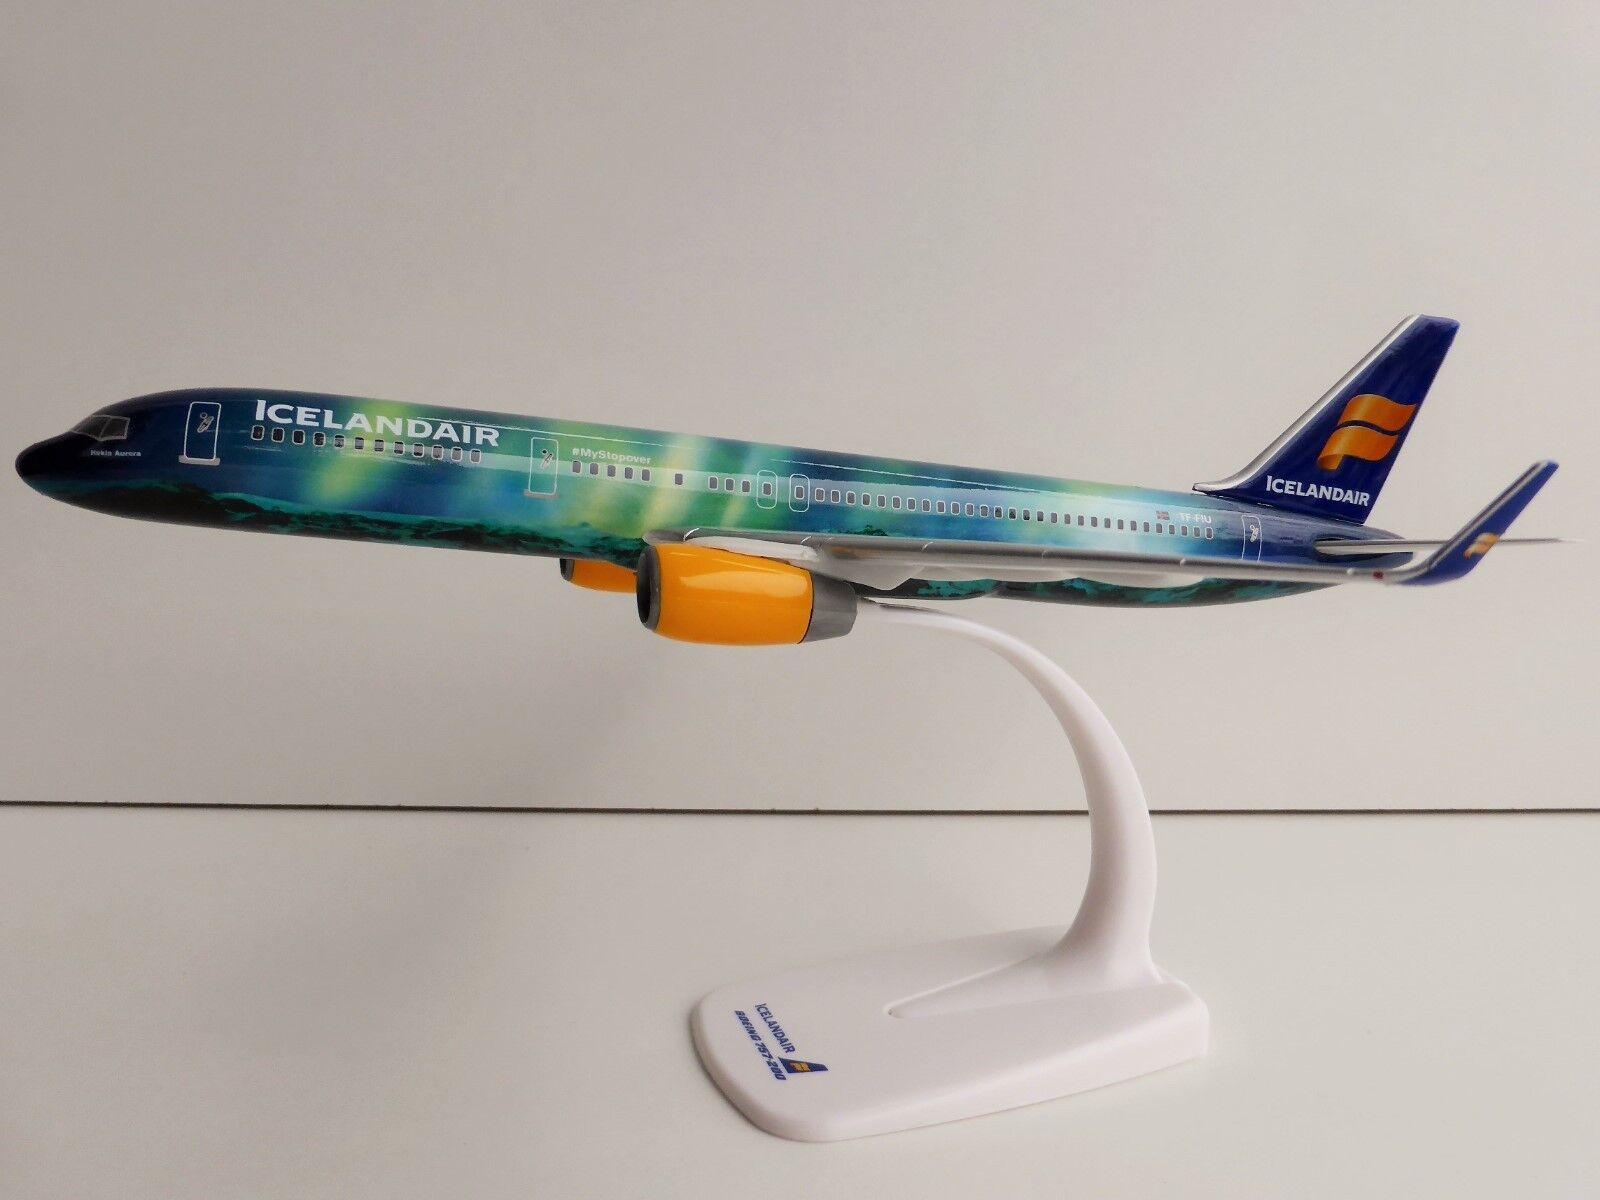 Icelandair Hekla Aurora Boeing 757-200 1 200 Herpa 610735 Snap Fit 757